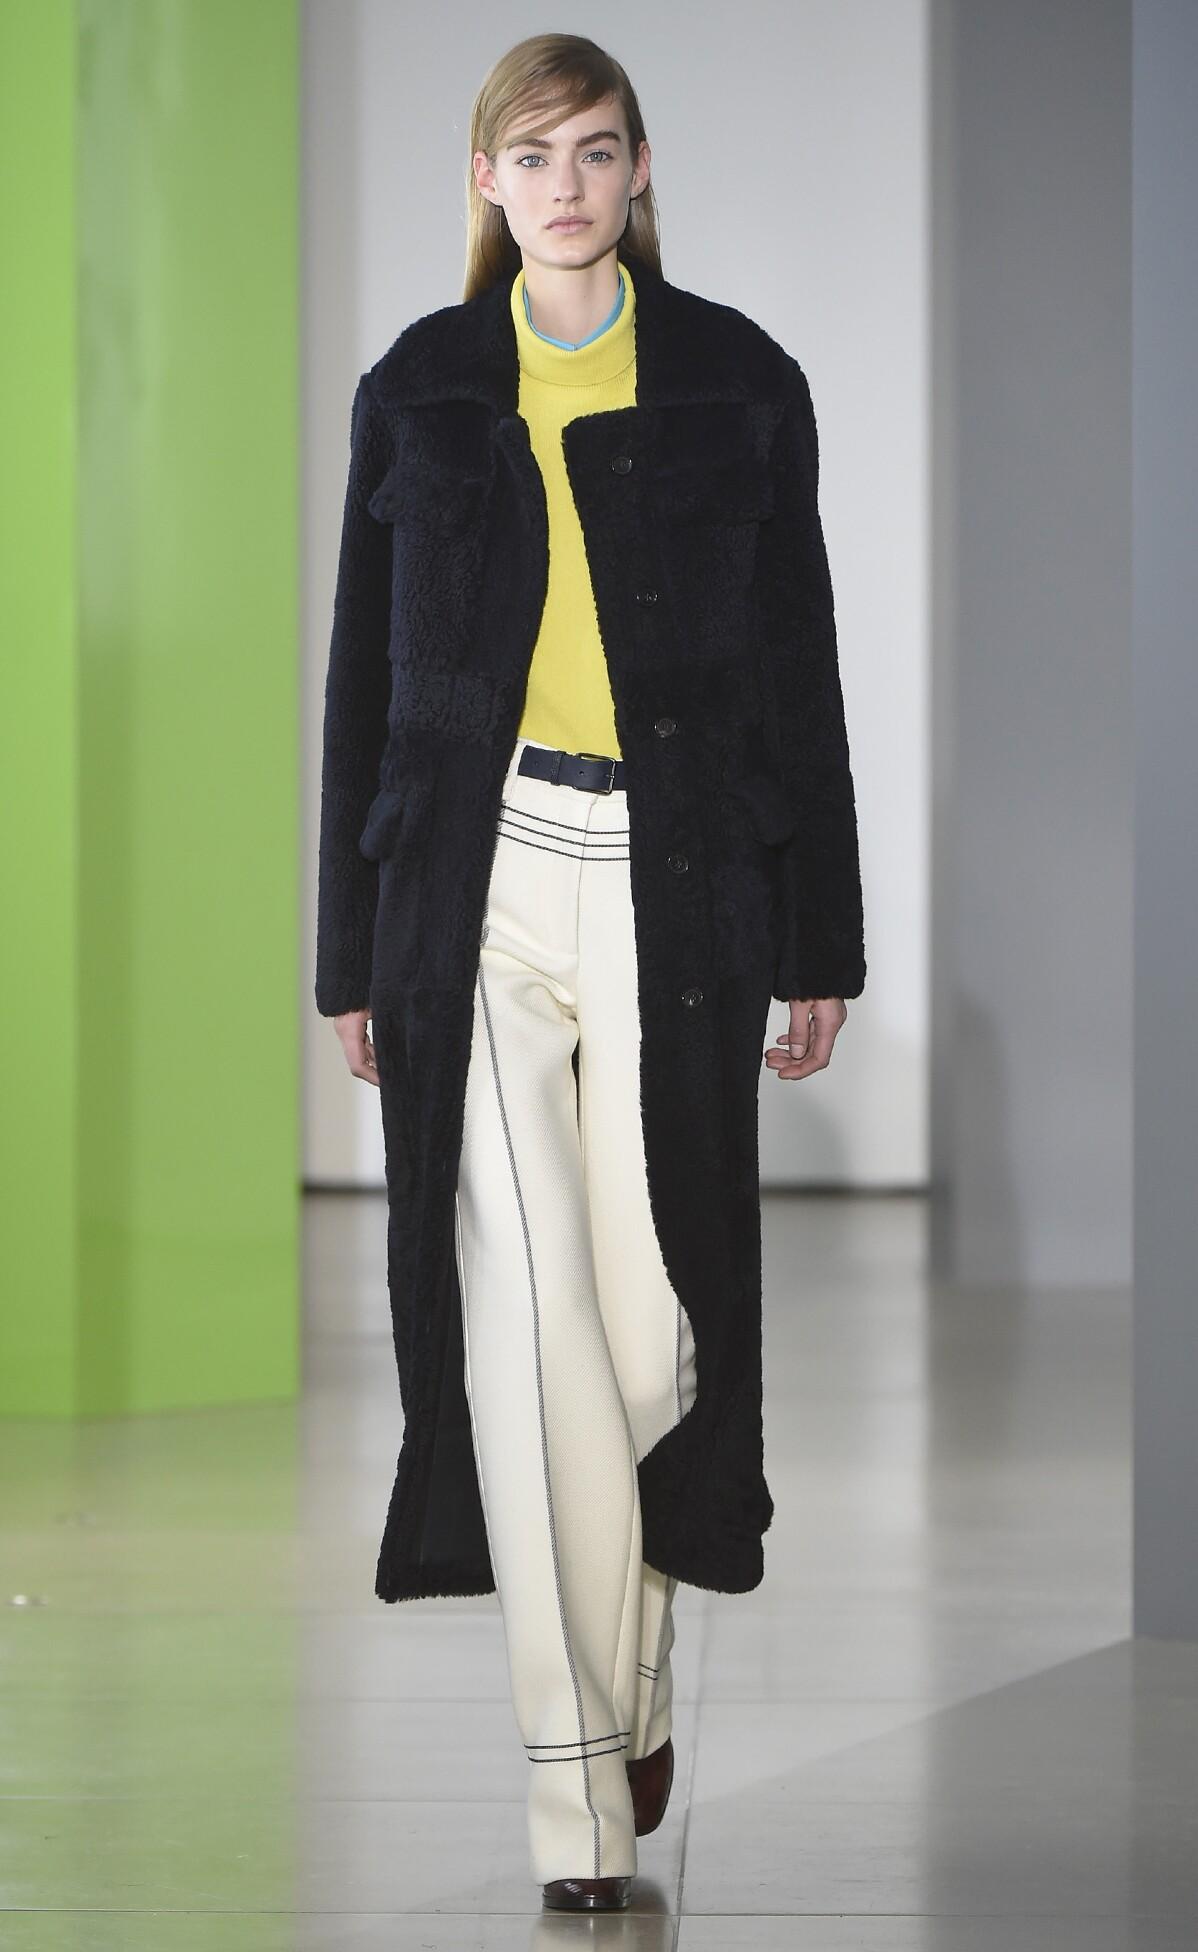 Jil Sander Collection Woman Milan Fashion Week